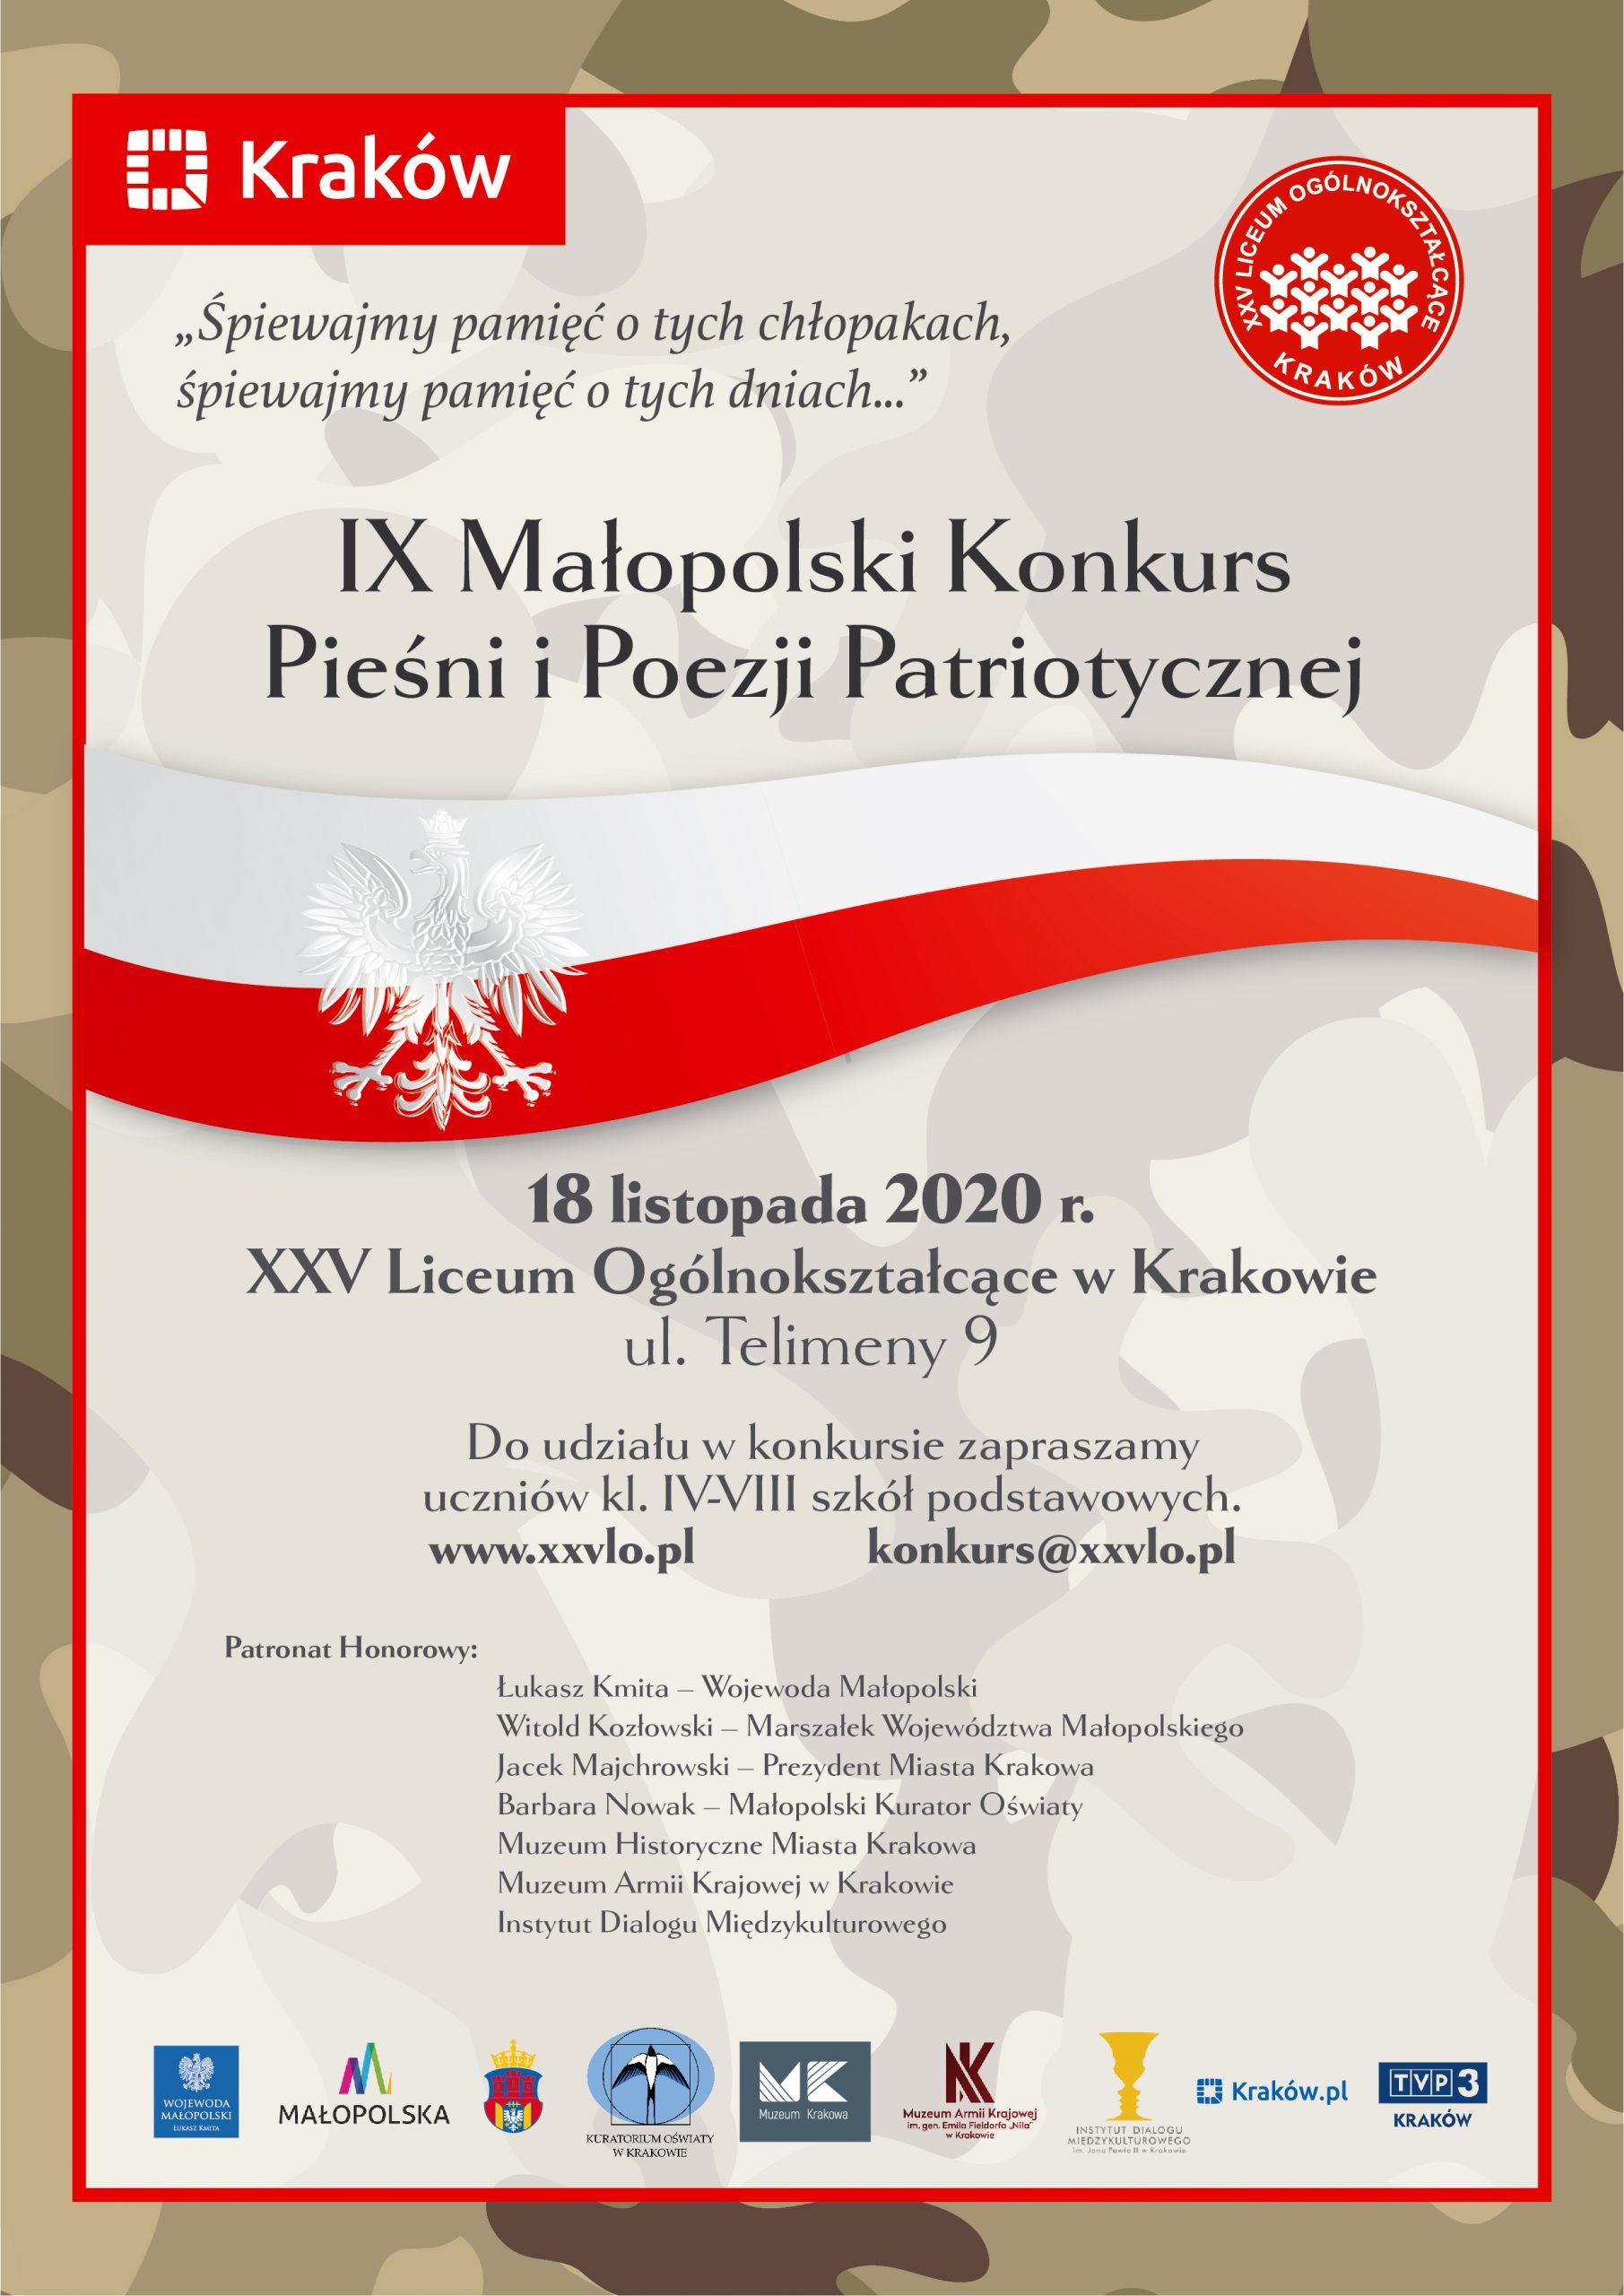 IX Małopolski Konkurs Pieśni i Poezji Patriotycznej